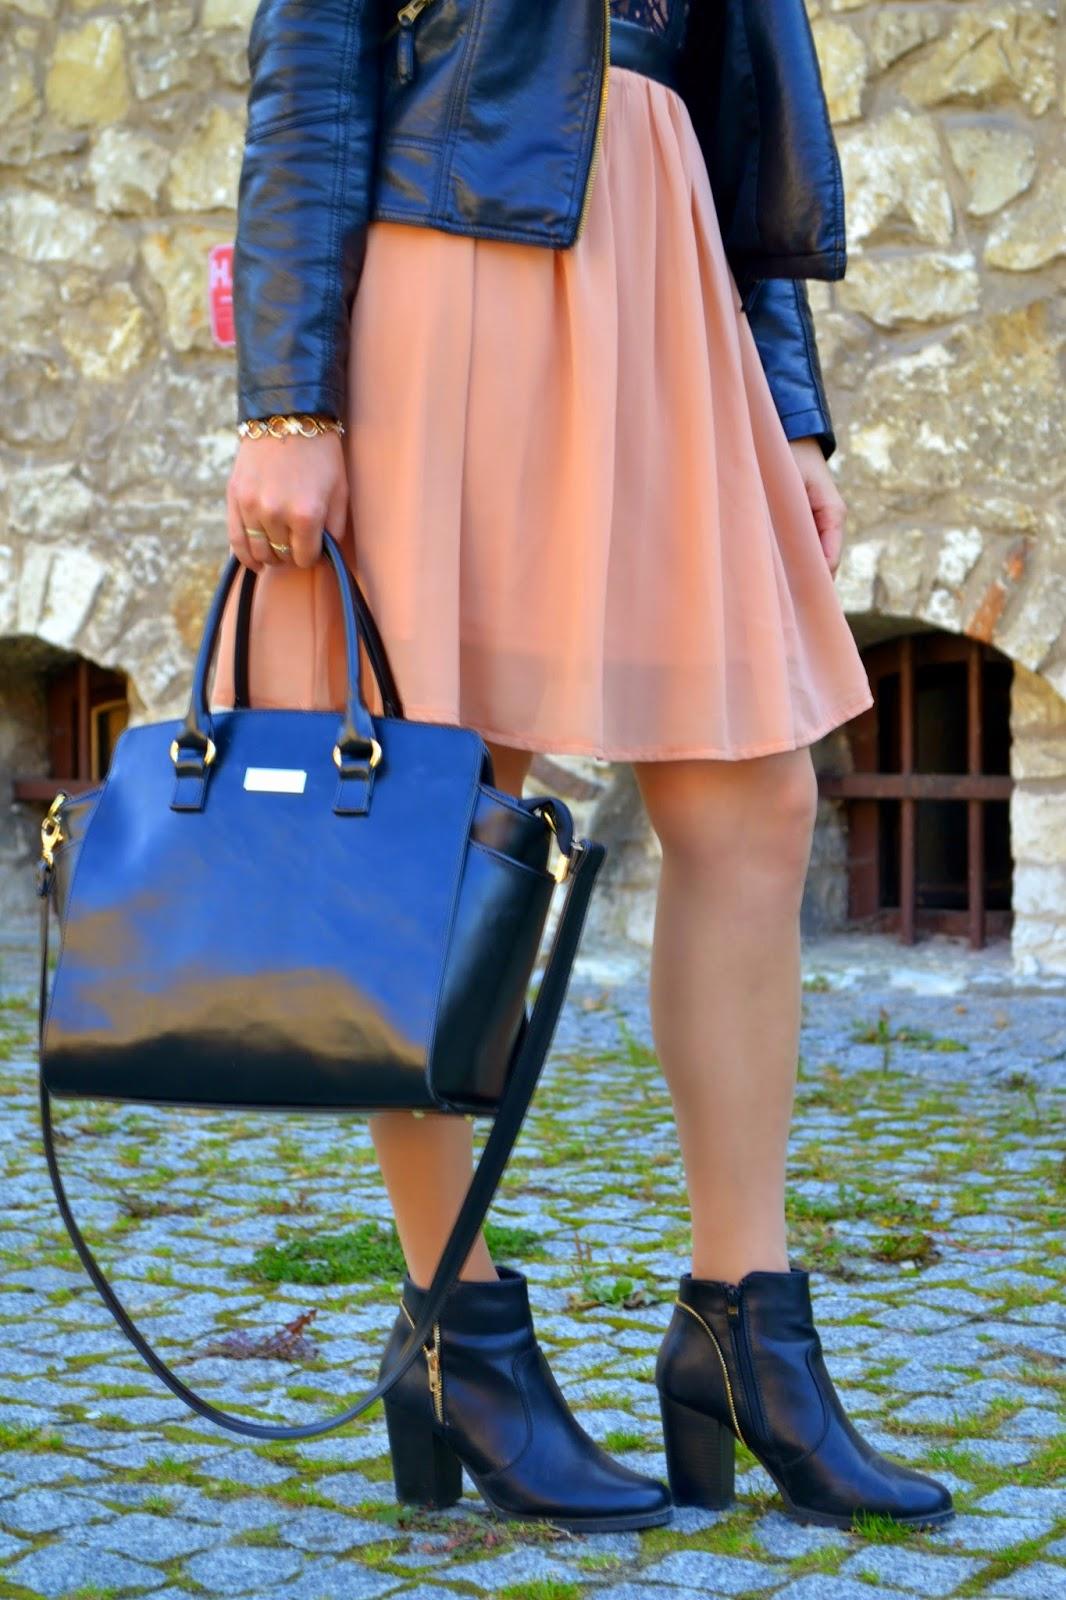 trapezowy kuferek, dziewczęca sukienka, letnia sukienka z botkami i ramoneską, brzoskwiniowa sukienka ze skórkowymi wstawkami, wstawki skorkowe na sukience, co założyć do czarnej ramoneski, botki na słupku, kozaki z zamkiem złotym